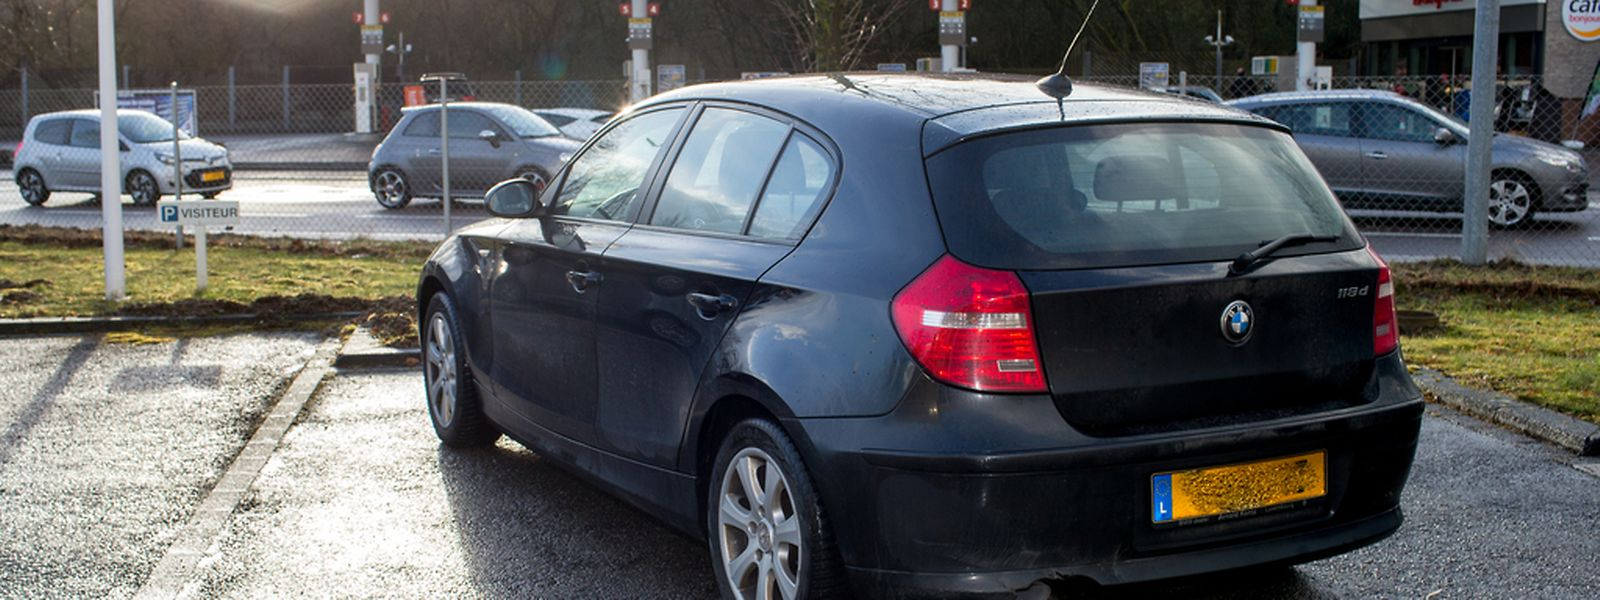 Parksünder erwischt: Wenn das Auto keiner Person zugeordnet werden kann, dürfen diese Fotos veröffentlicht werden.